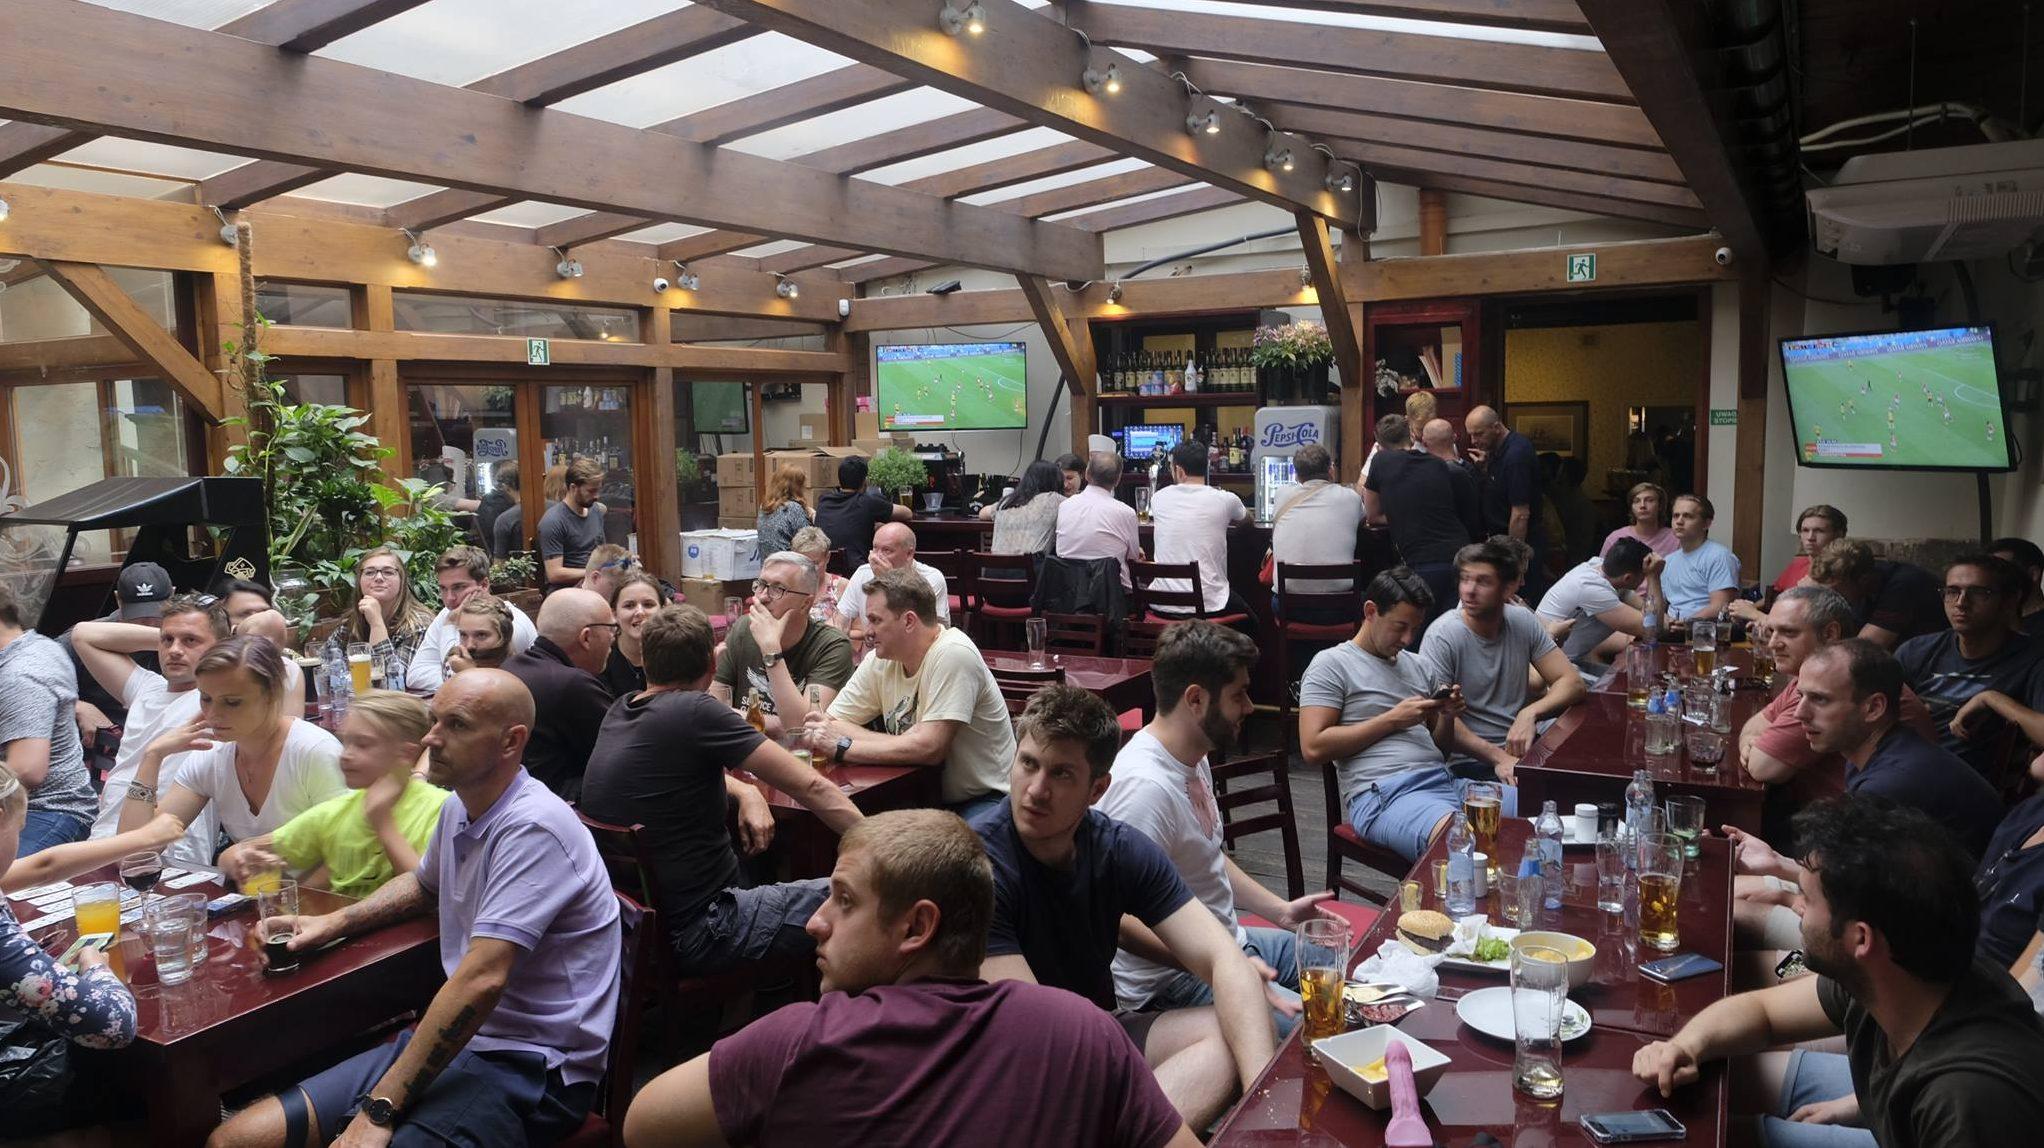 Watch football in Krakow Sports Bar